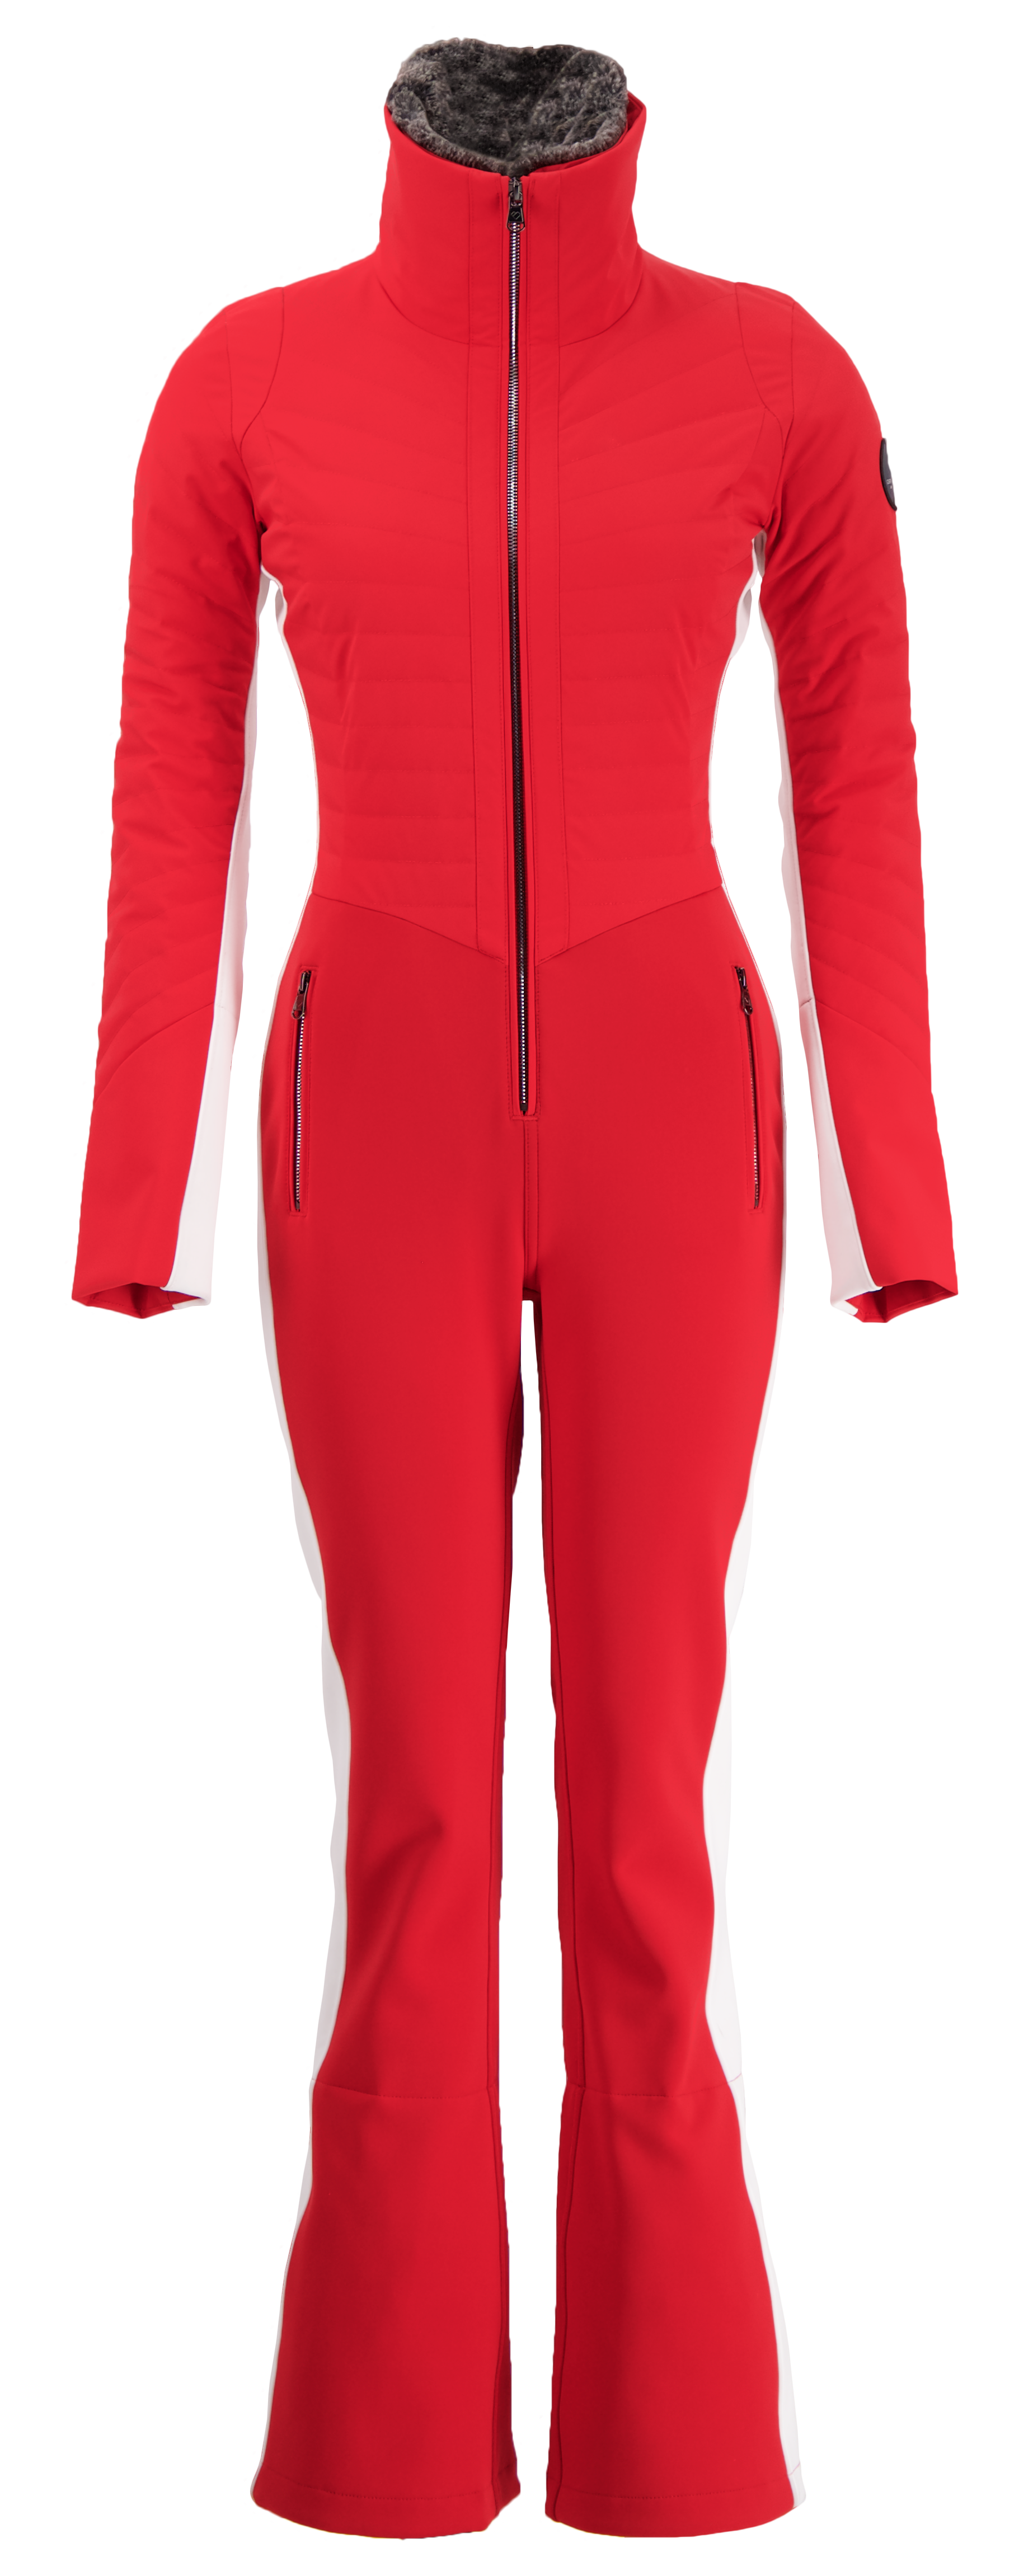 1819-bc-ski-Elan-Ibex94-CarbonXLT